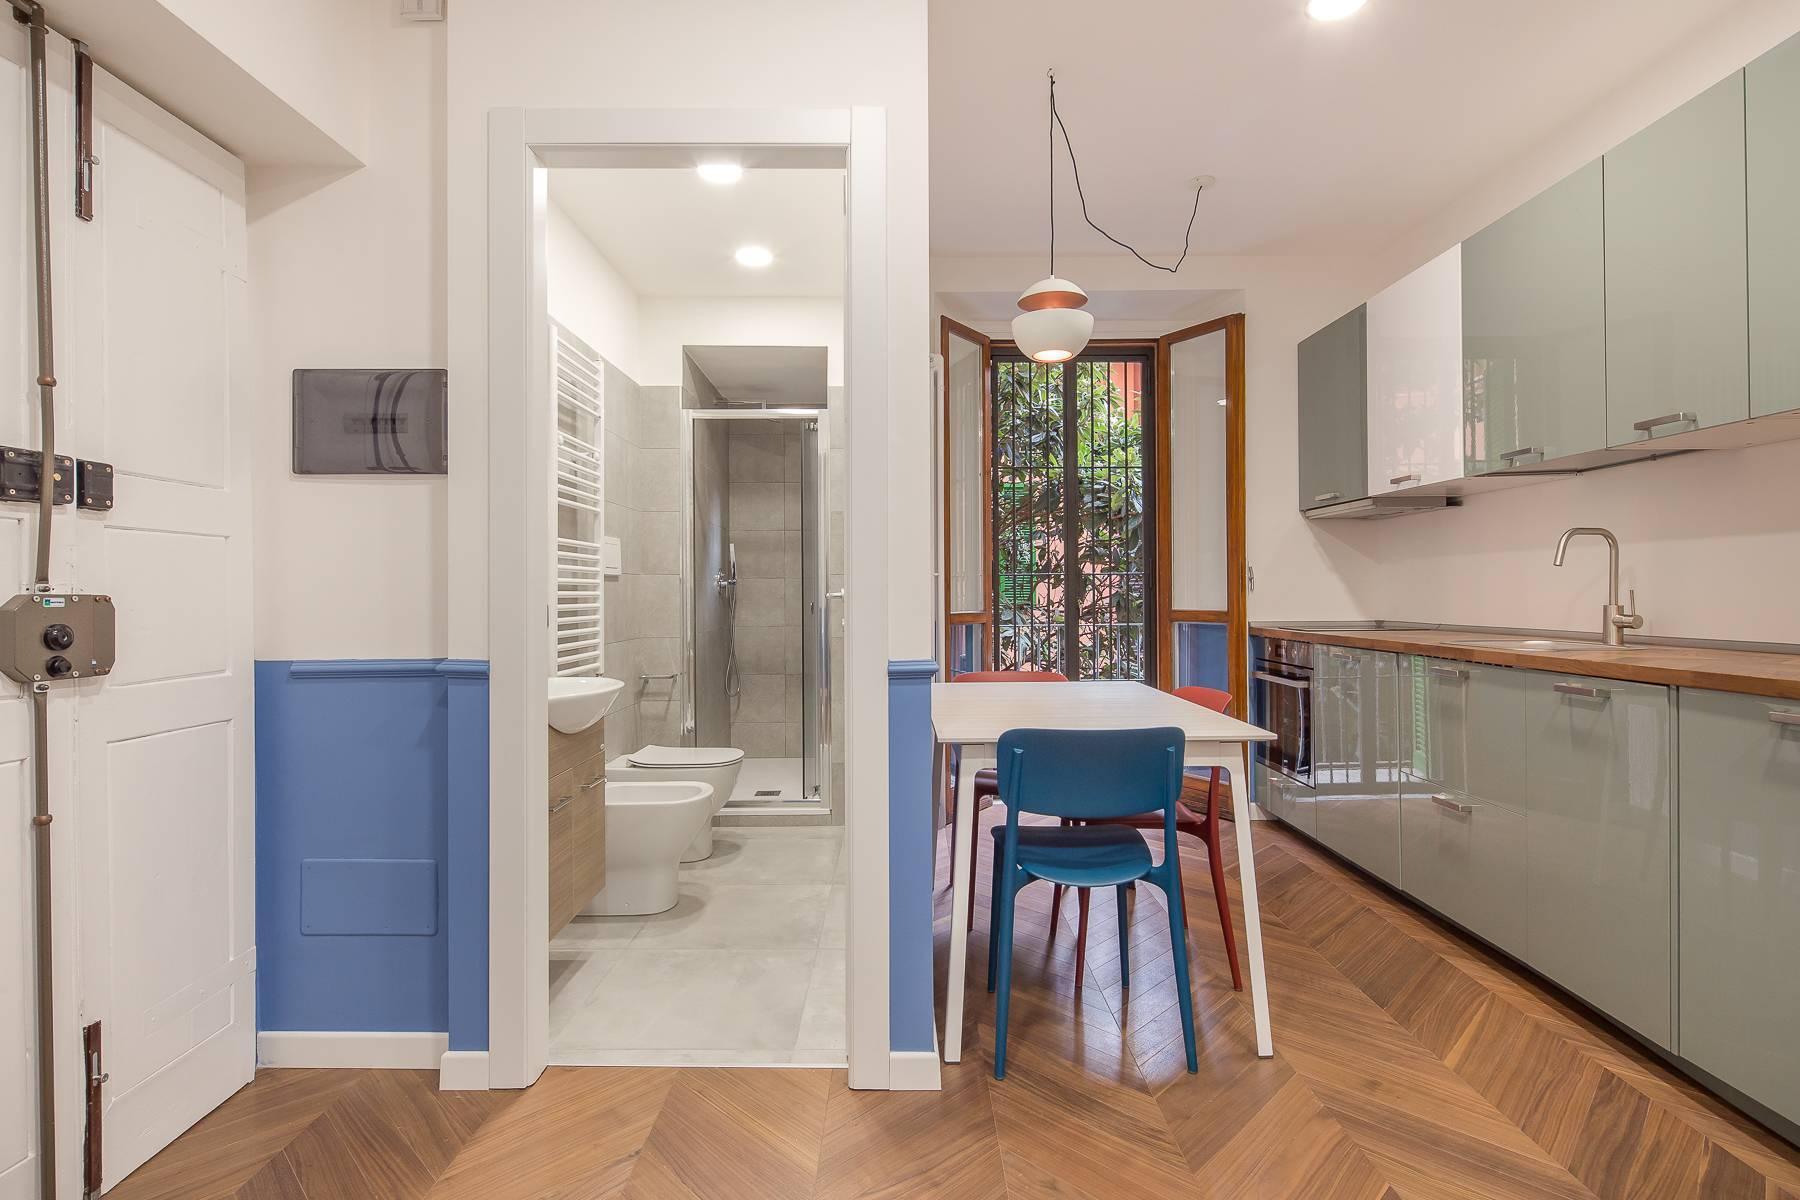 Elegante renovierte Zwei-Zimmer-Wohnung in Brera - 3